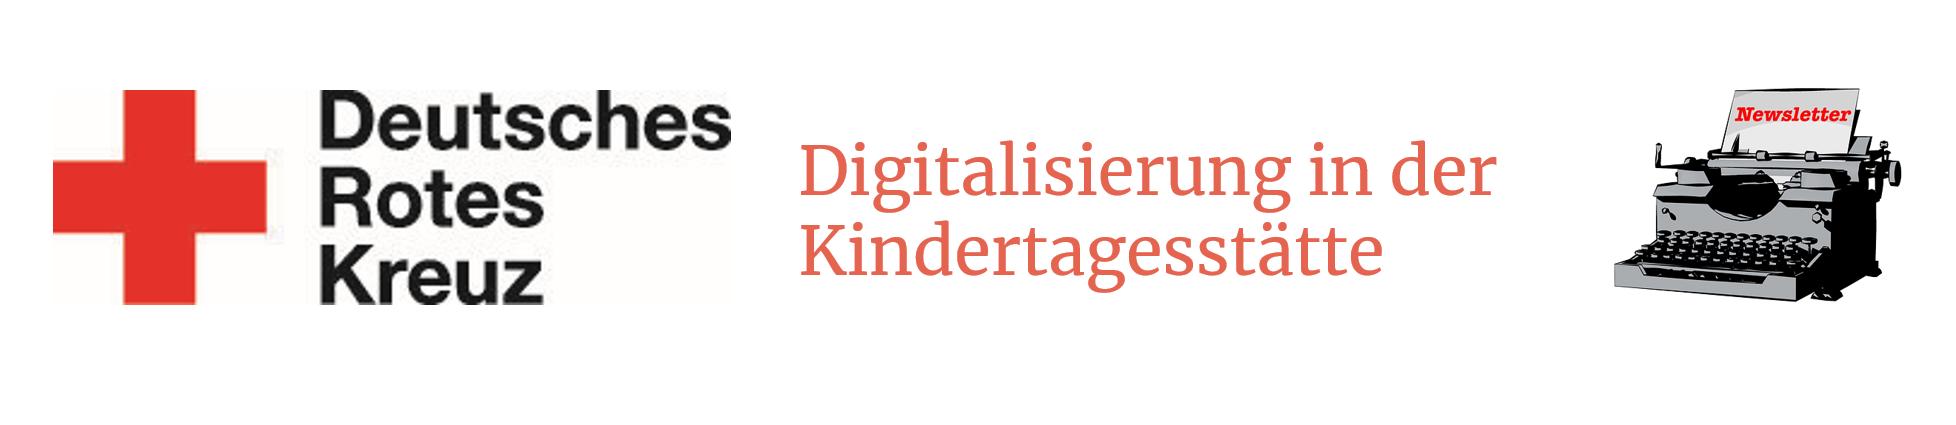 """Links das Logo des DRK, in der Mitte steht """"Digitalisierung in der Kindertagesstätte"""" und rechts ist eine Schreibmaschine abgebildet."""